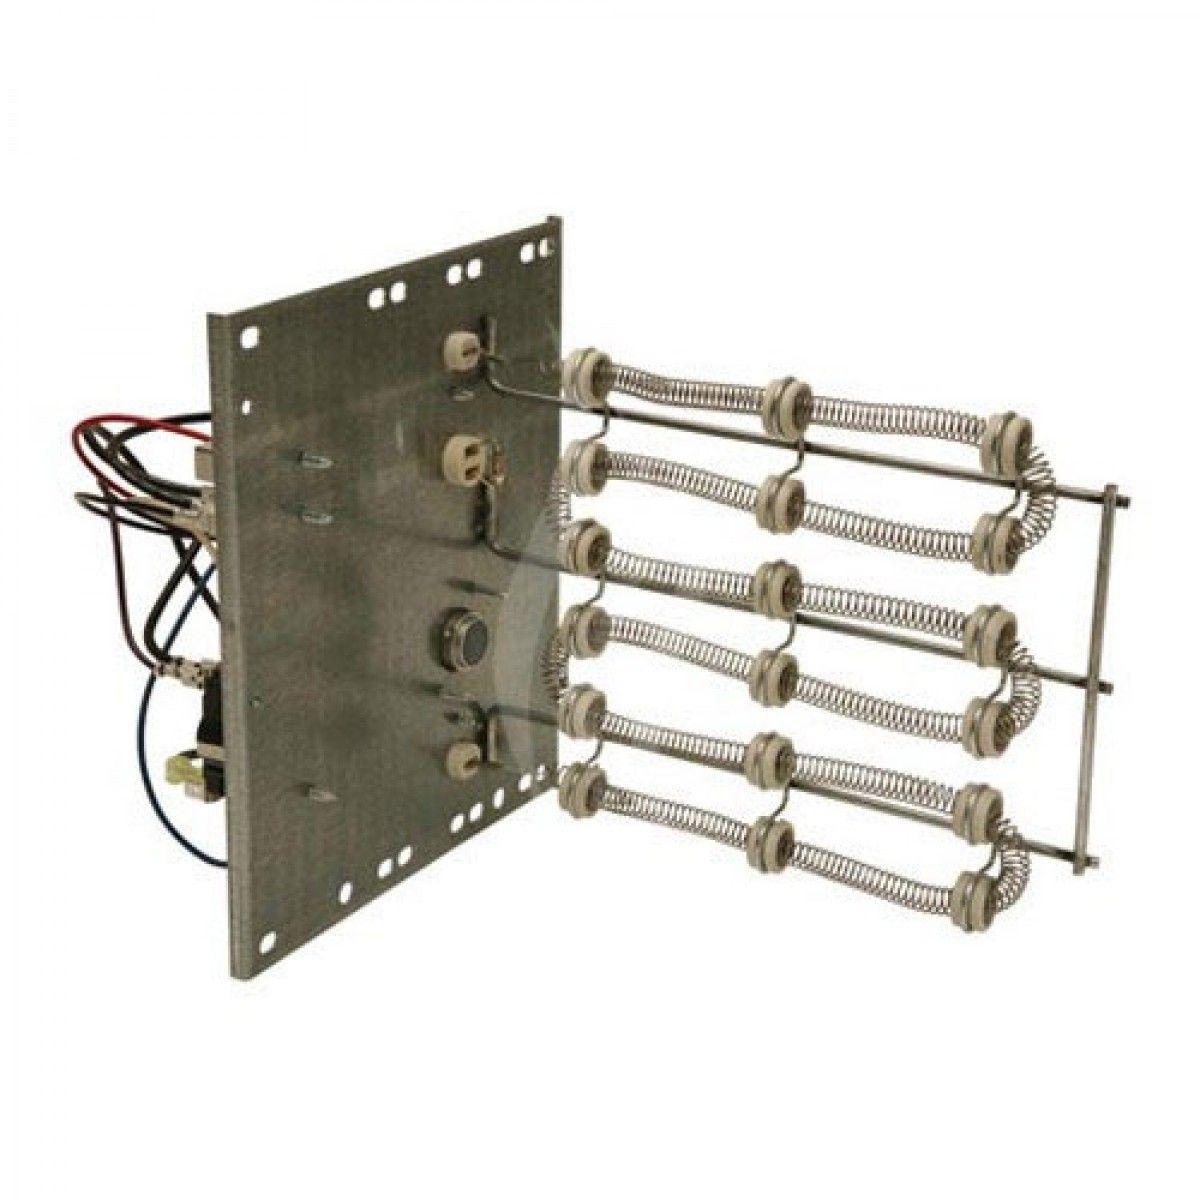 20 kw rheem rxbh electric strip heater with circuit breaker 20 kw rheem rxbh electric strip heater with circuit breaker cheapraybanclubmaster Image collections